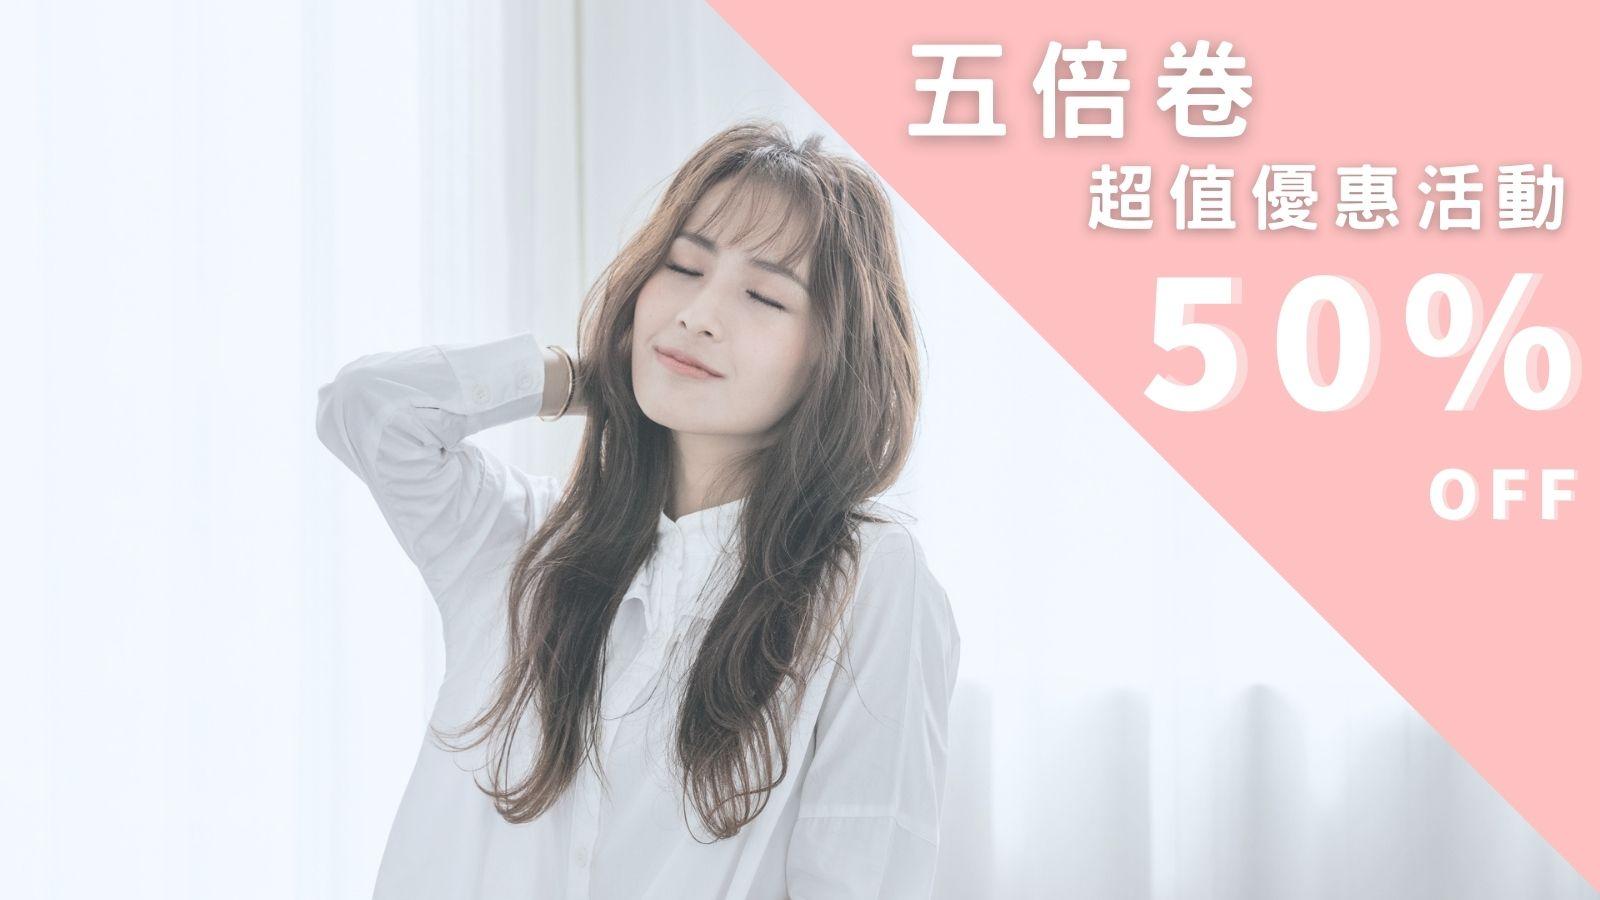 【五倍卷優惠活動】深層護髮套組只要半價!!!